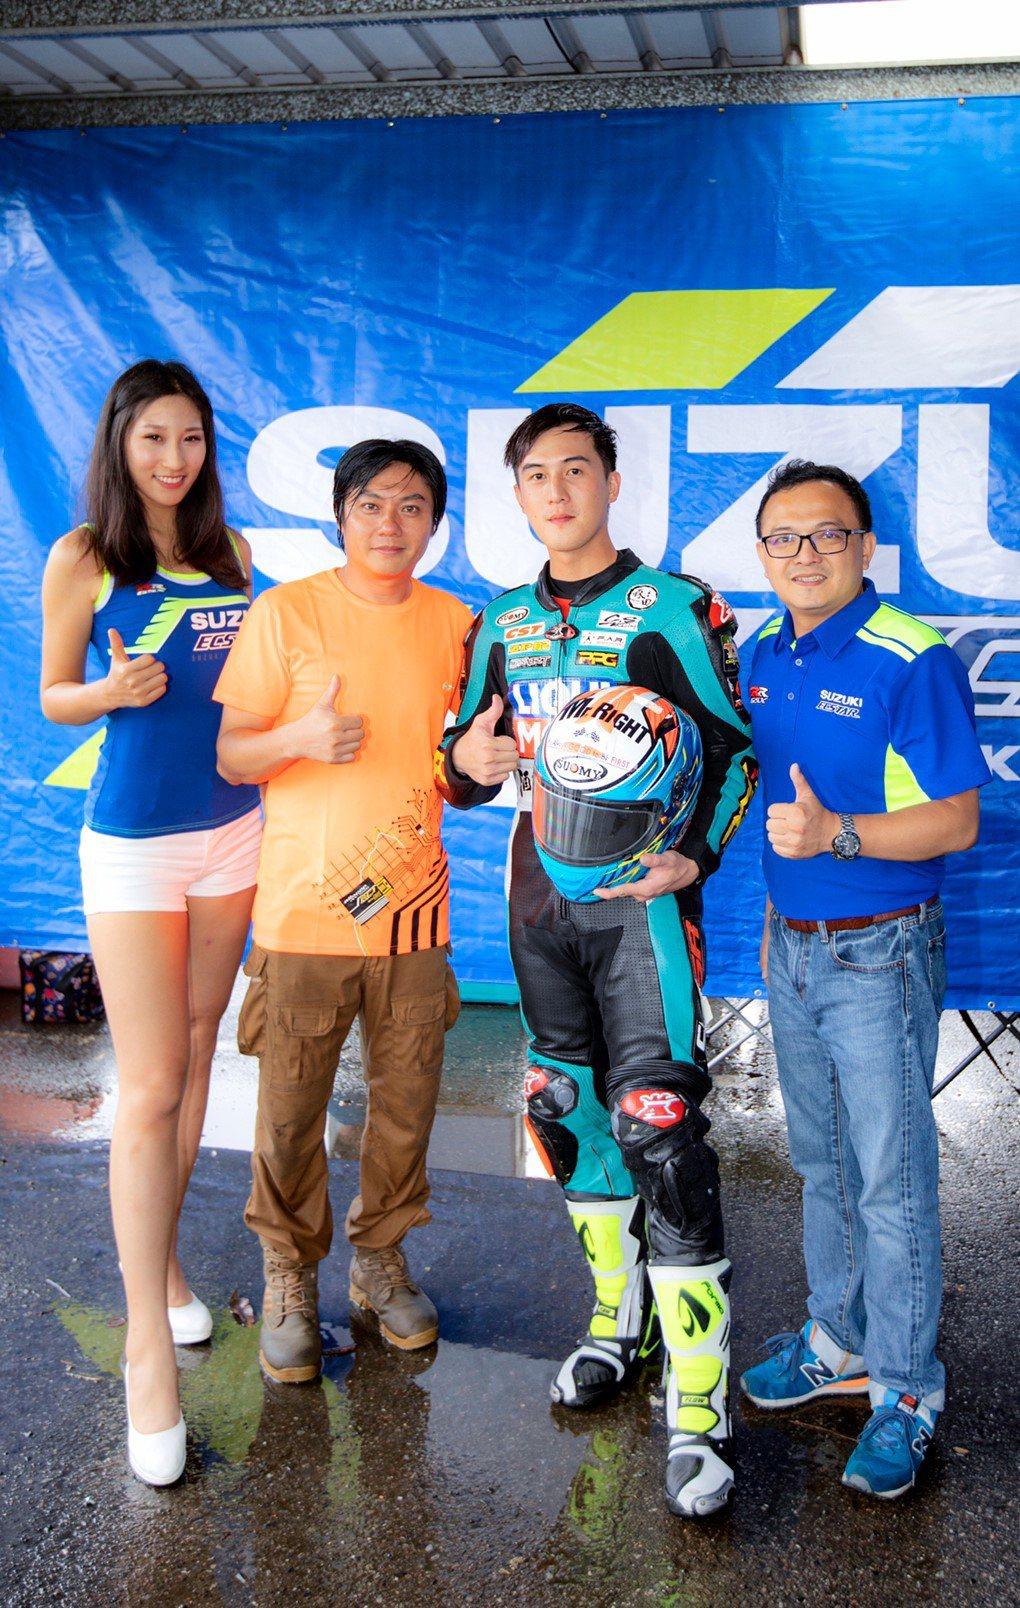 TSR年度積分總冠軍為 易宏JMRT進民車隊的高至均 獲得代表台灣至海外出賽機會...